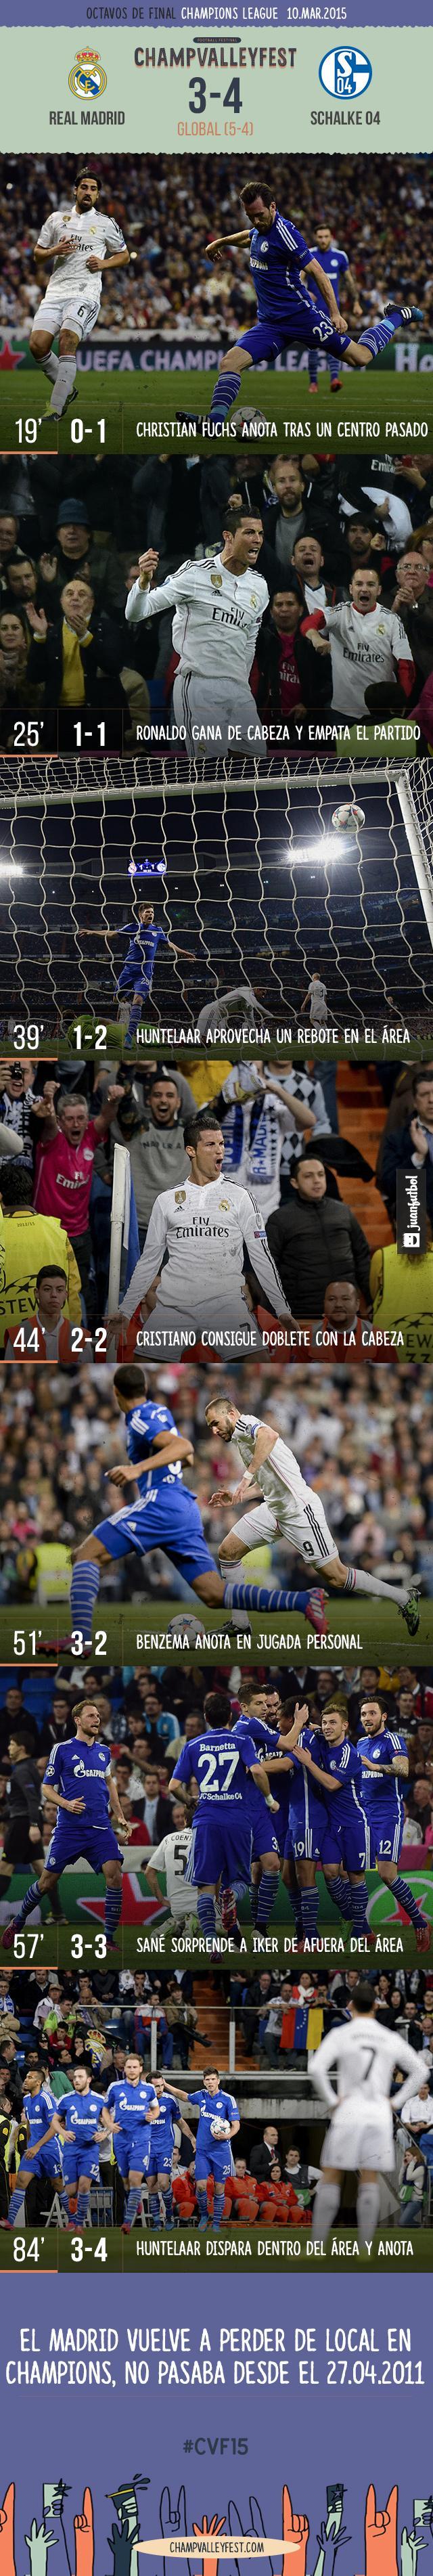 El Madrid cae en el Bernabéu 3-4 con el Schalke pero avanza a los cuartos de final de la Champions League.